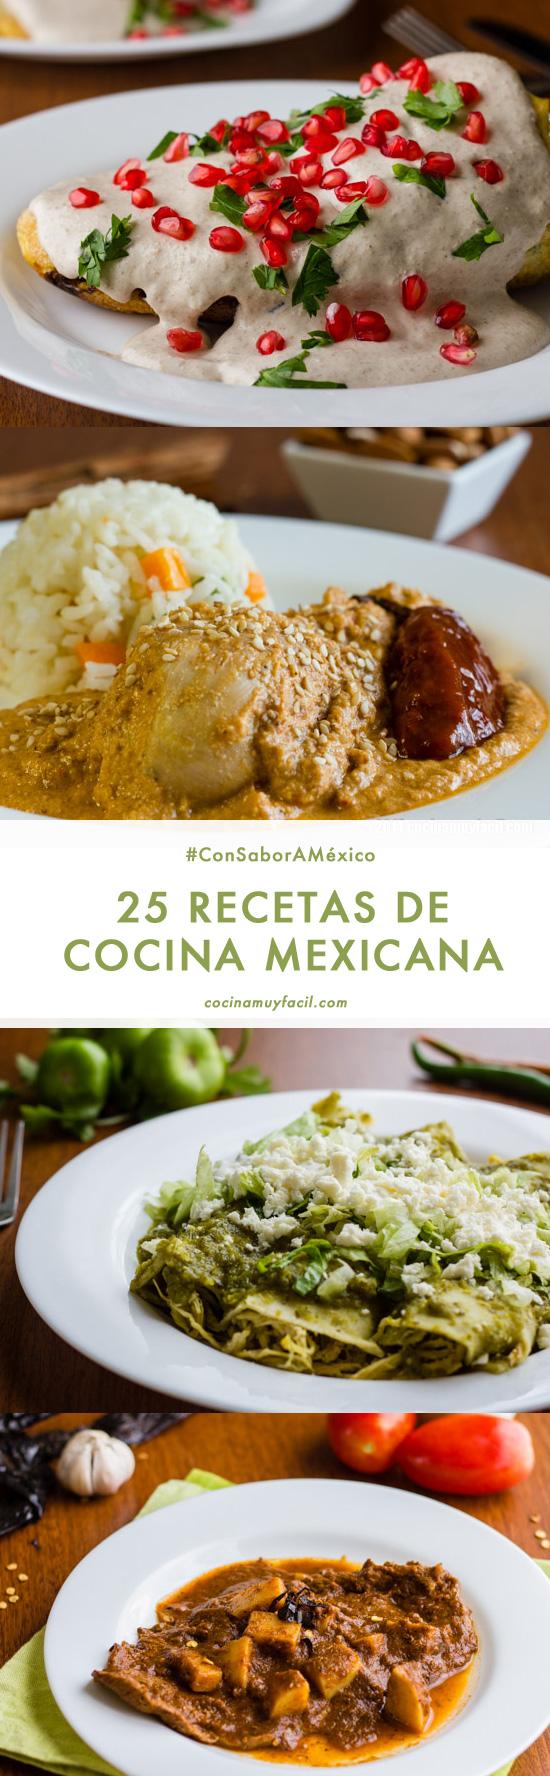 25 Recetas De Cocina Tradicional Mexicana Porque Tenemos Mucho